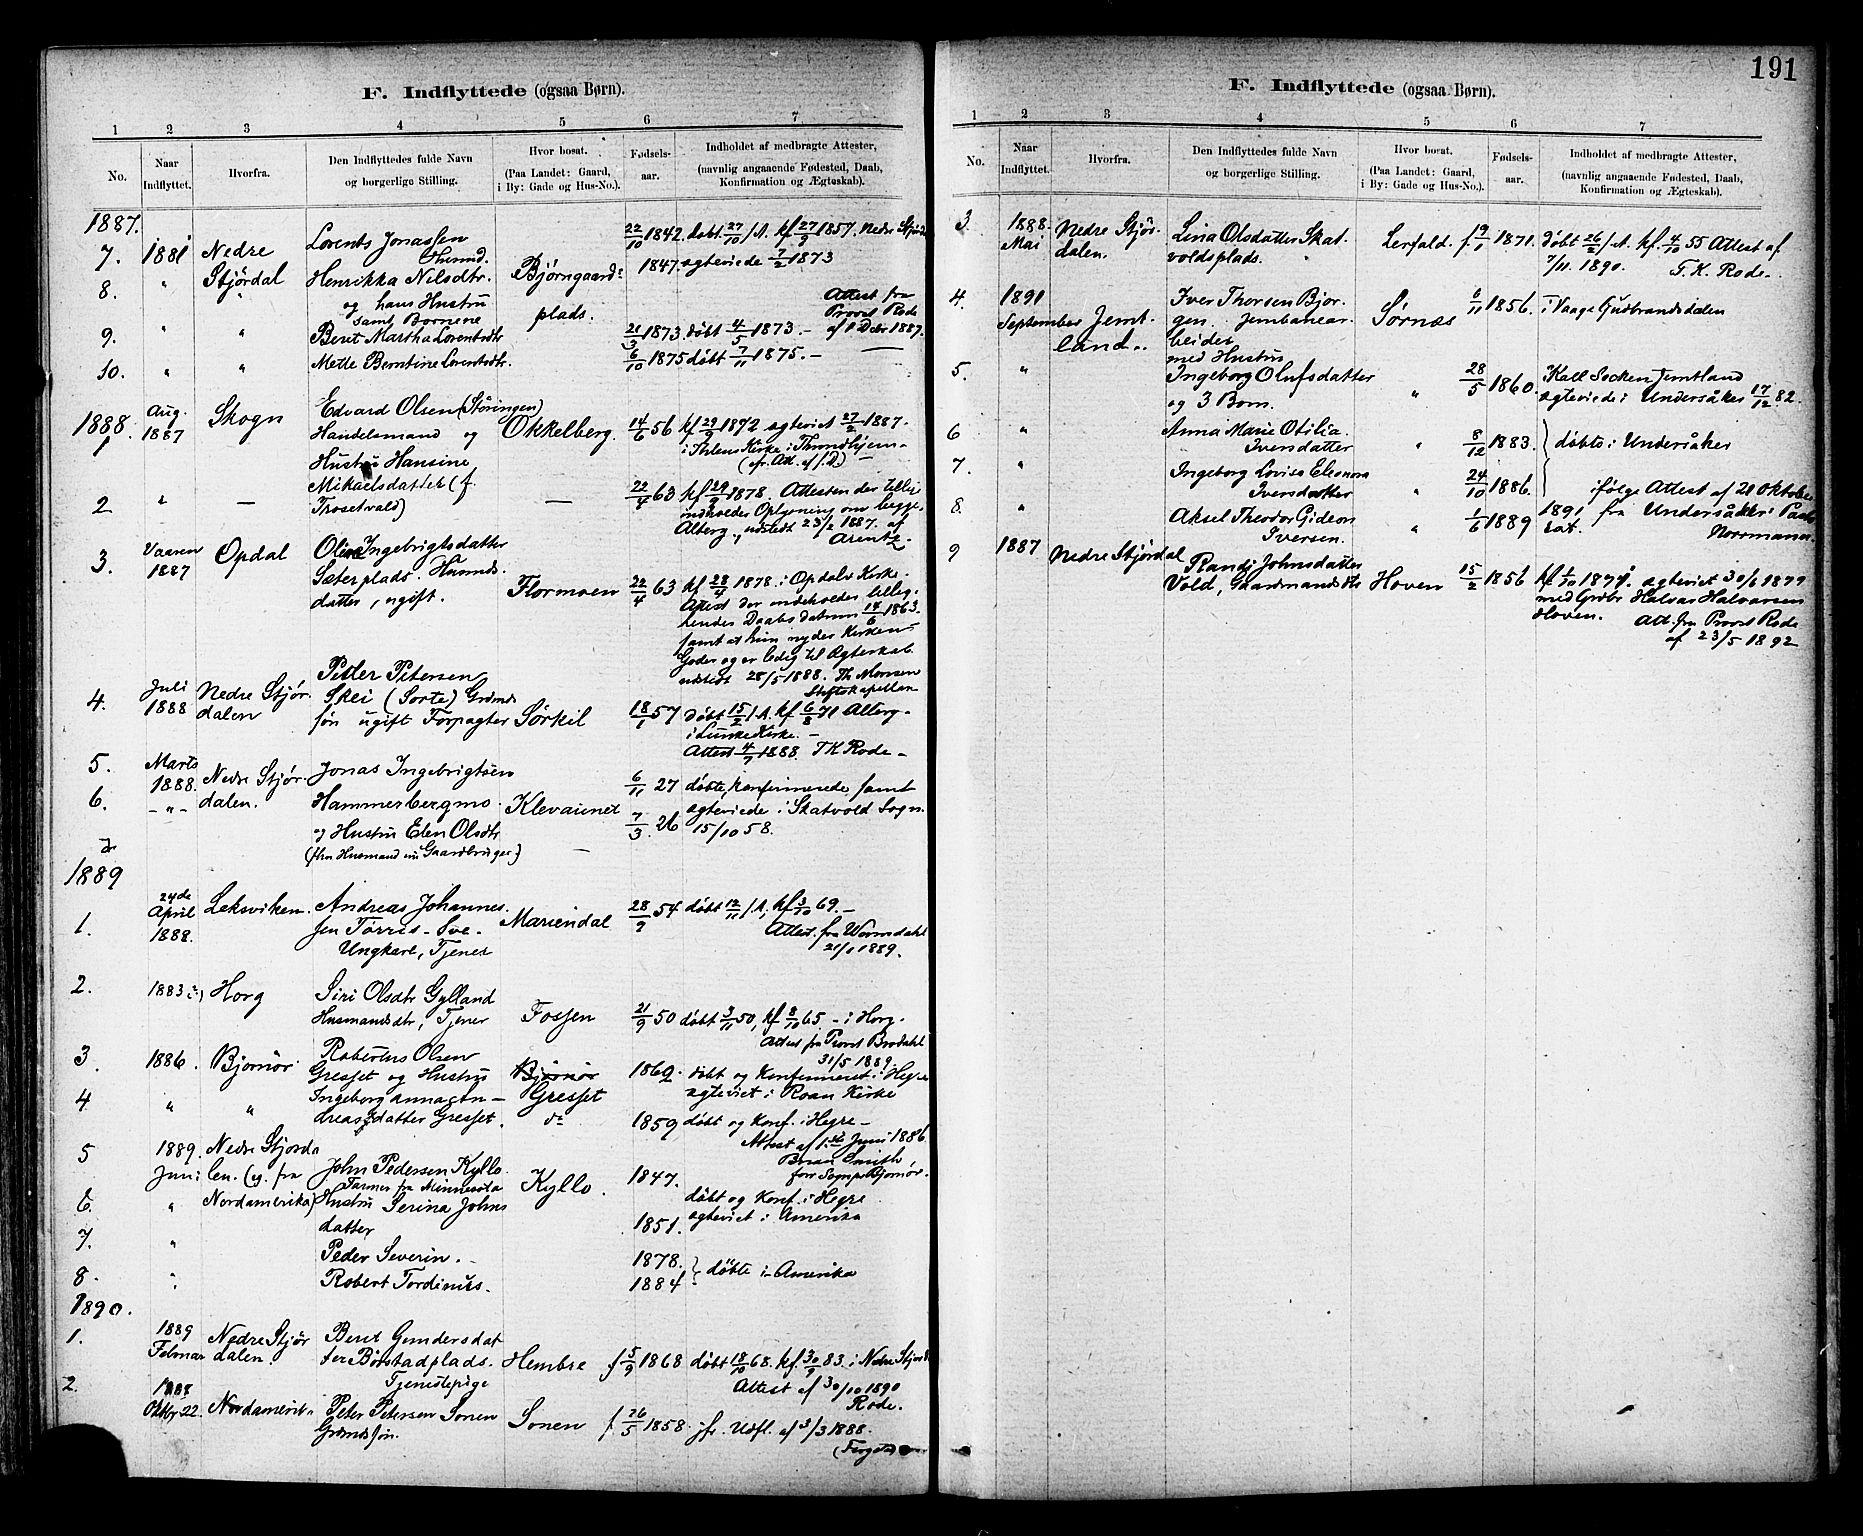 SAT, Ministerialprotokoller, klokkerbøker og fødselsregistre - Nord-Trøndelag, 703/L0030: Ministerialbok nr. 703A03, 1880-1892, s. 191